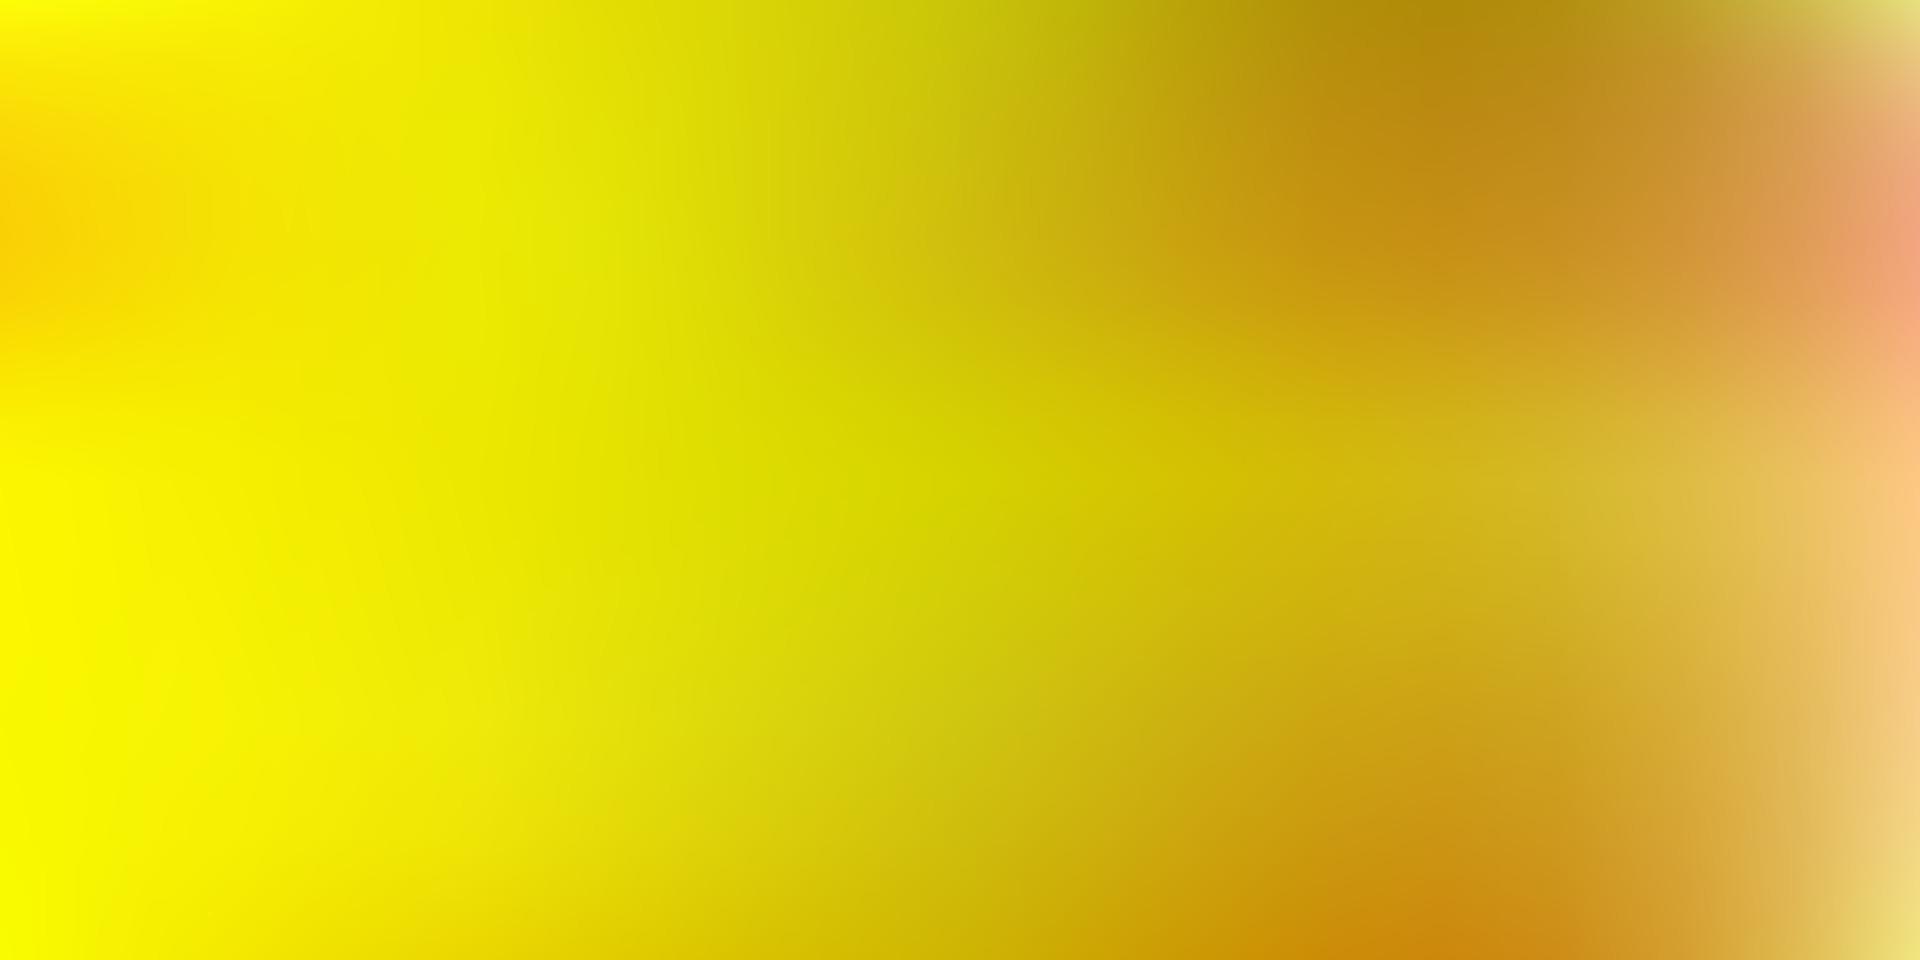 ljus orange vektor gradient oskärpa ritning.